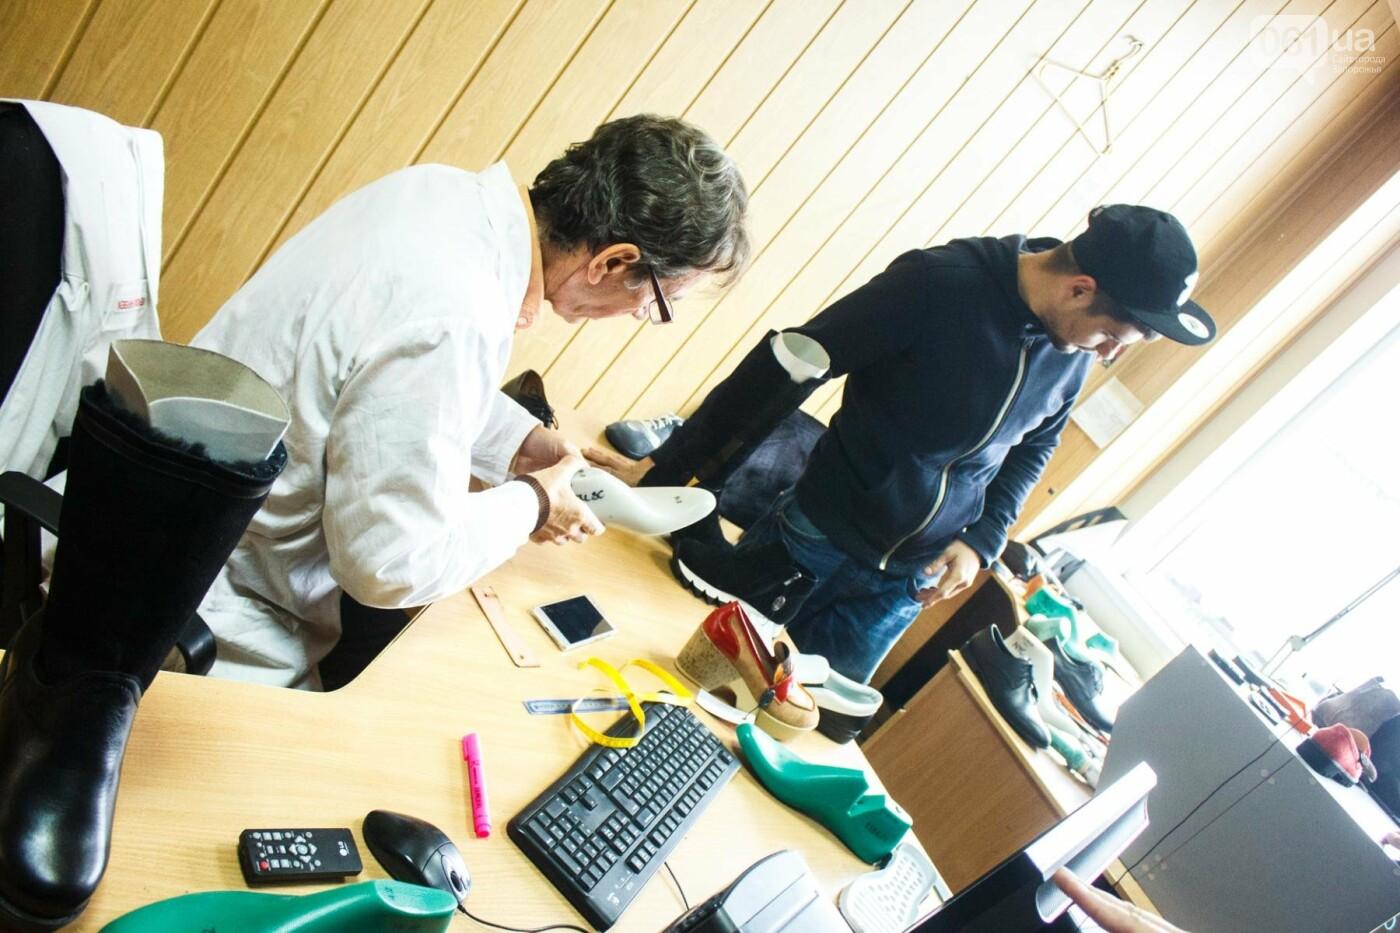 Как создается обувь: экскурсия на запорожскую обувную фабрику, – ФОТОРЕПОРТАЖ, фото-4